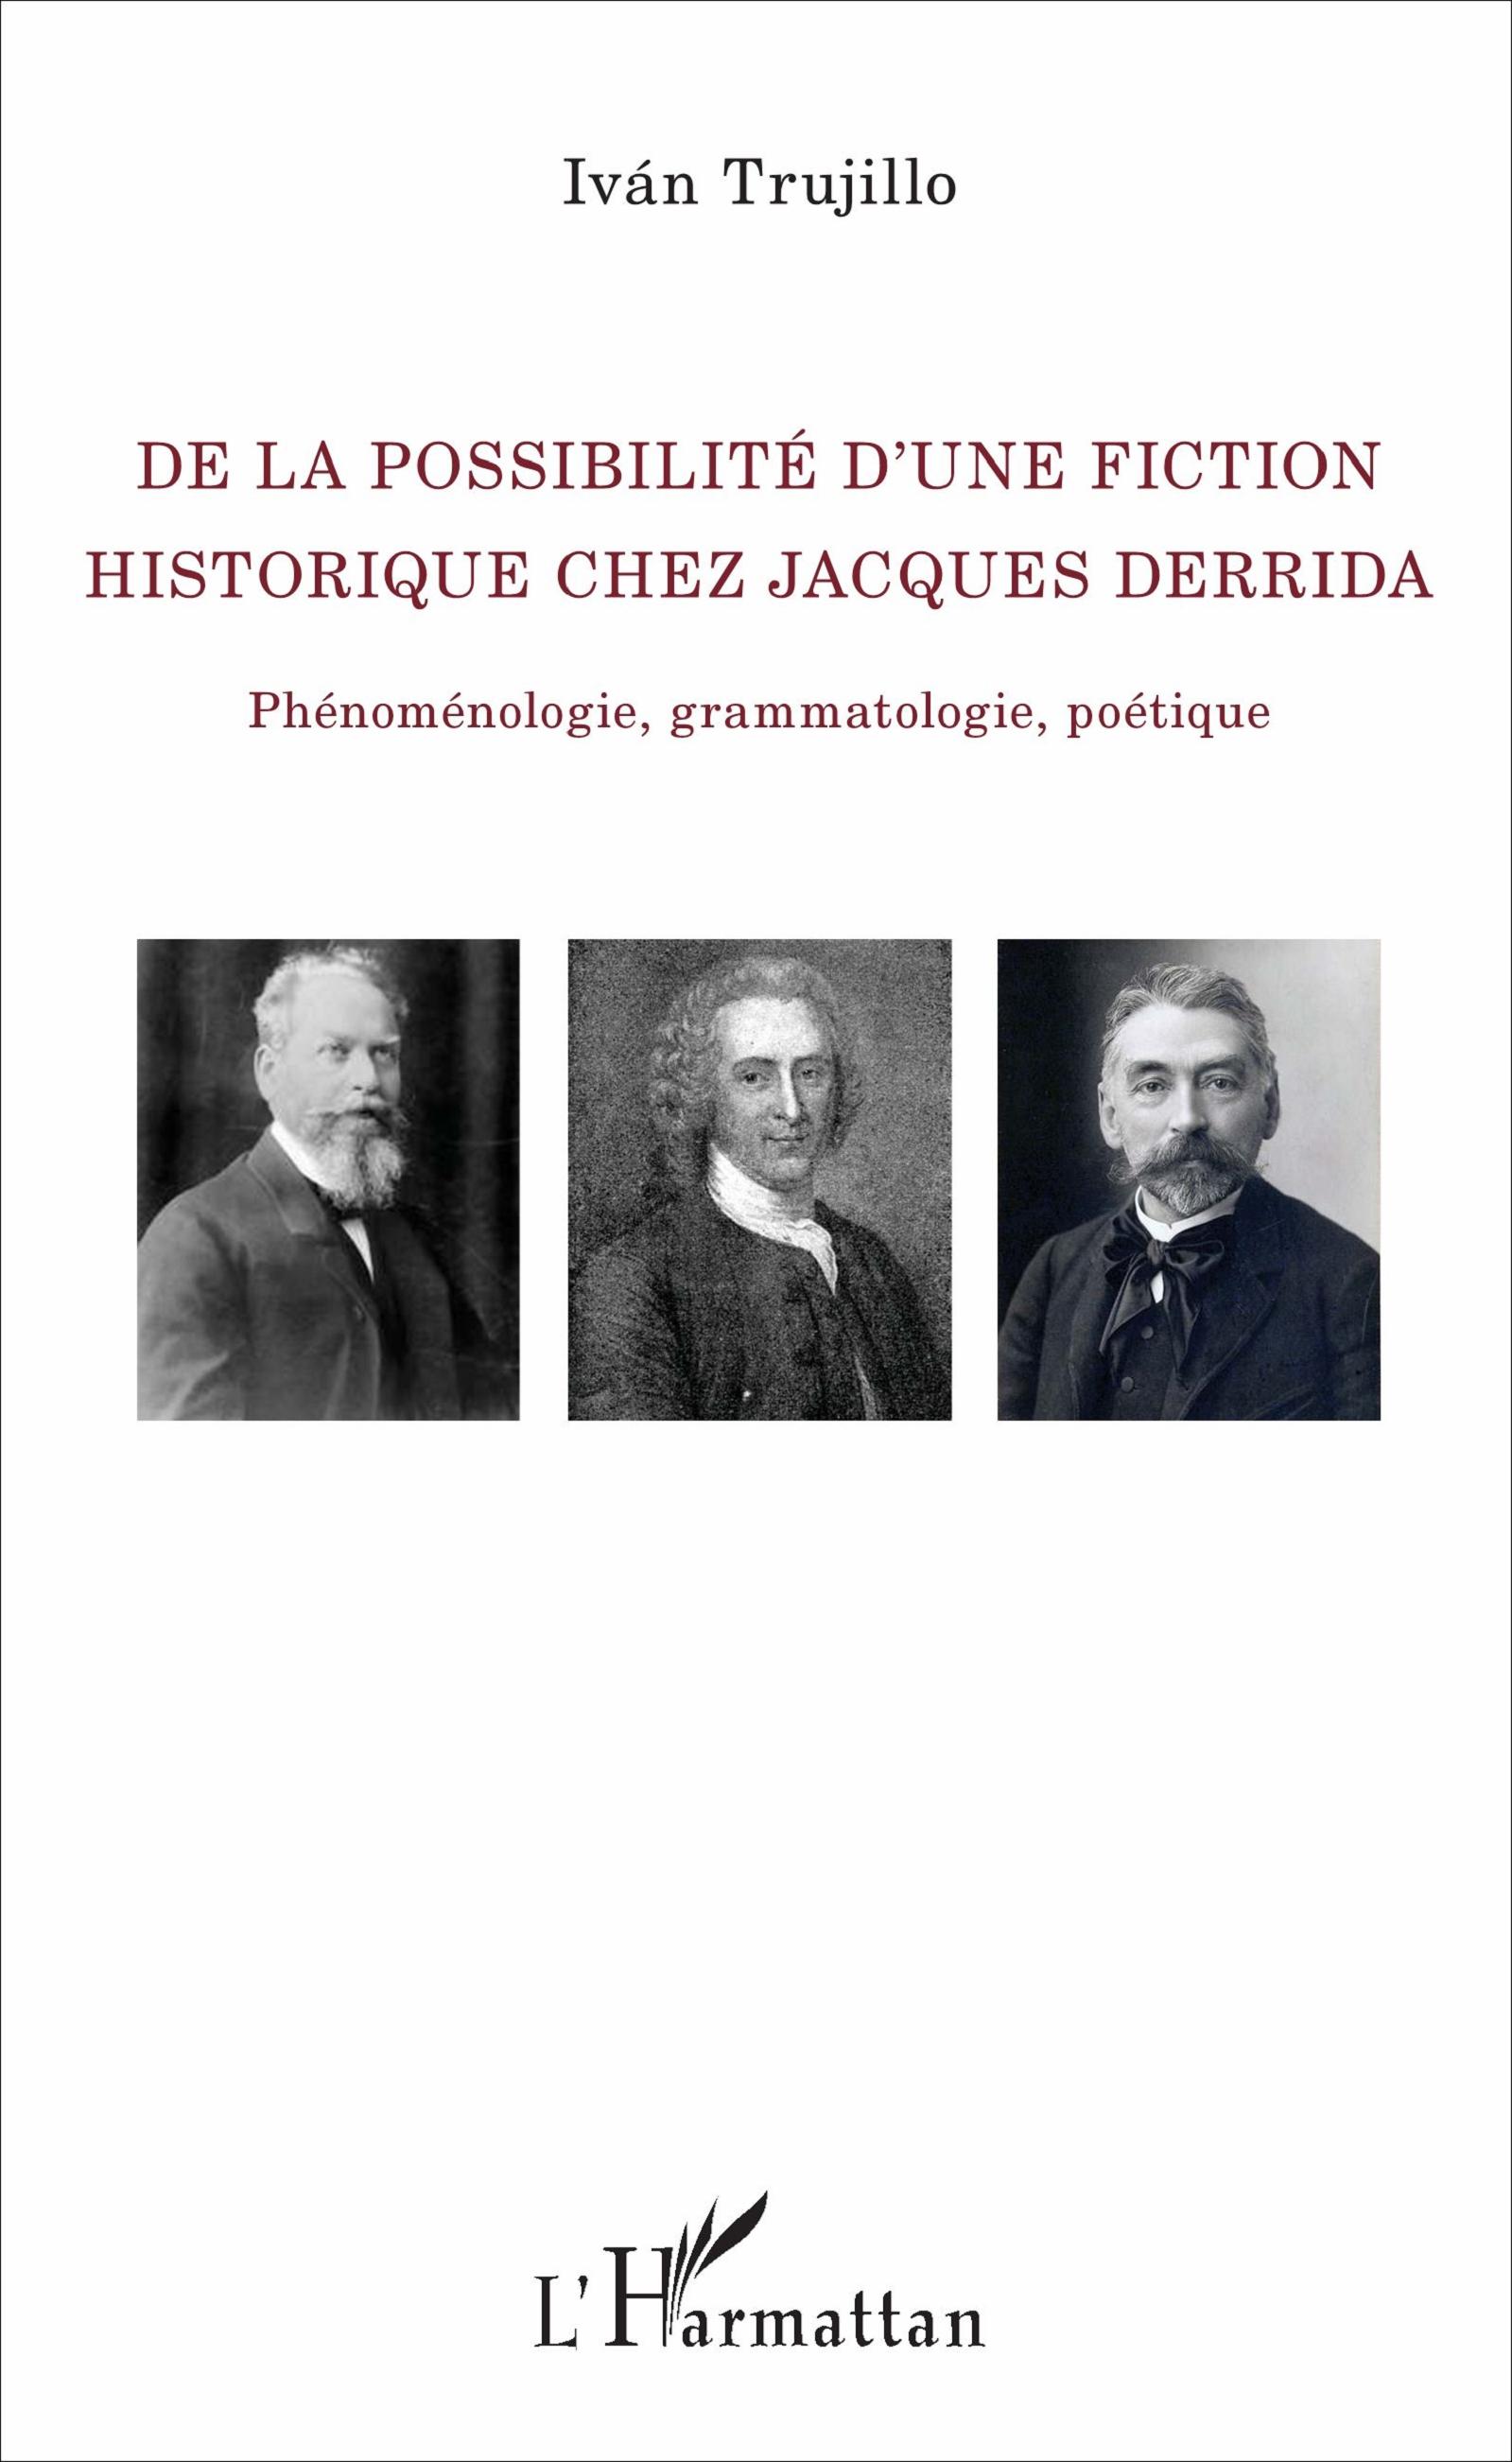 I. Trujilo, De la possibilité d'une fiction historique chez Jacques Derrida